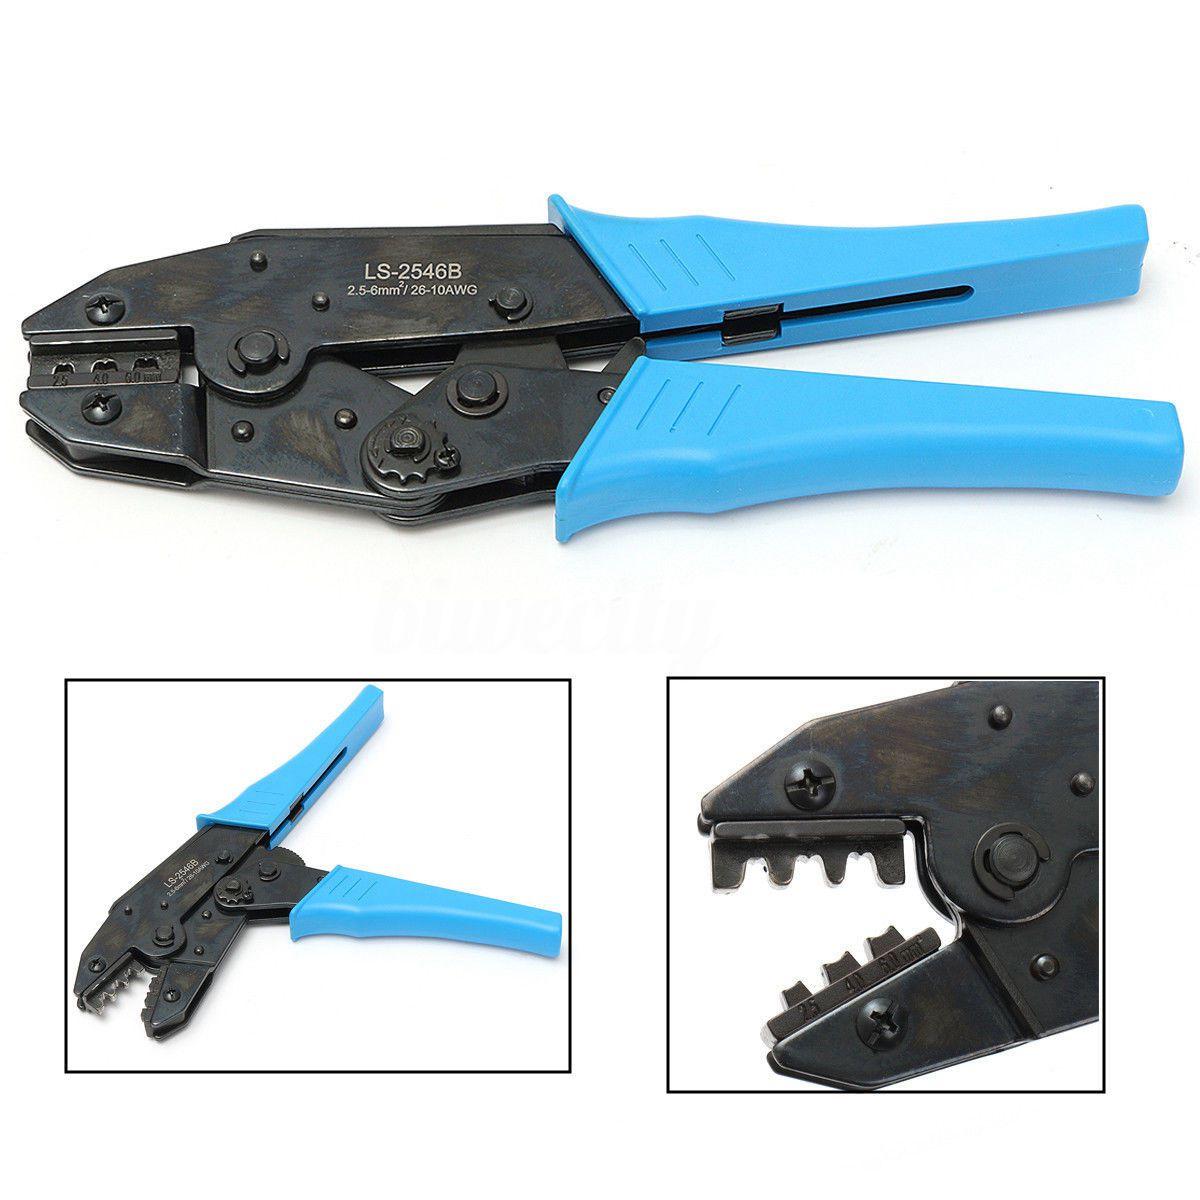 Werkzeuge Mini Tragbare Abisolierzange Mc4 Solar Panel Crimpen Werkzeug Kabel Stecker Cutter Zangen Terminal Ratschen Crimper Multi Werkzeuge Schrecklicher Wert